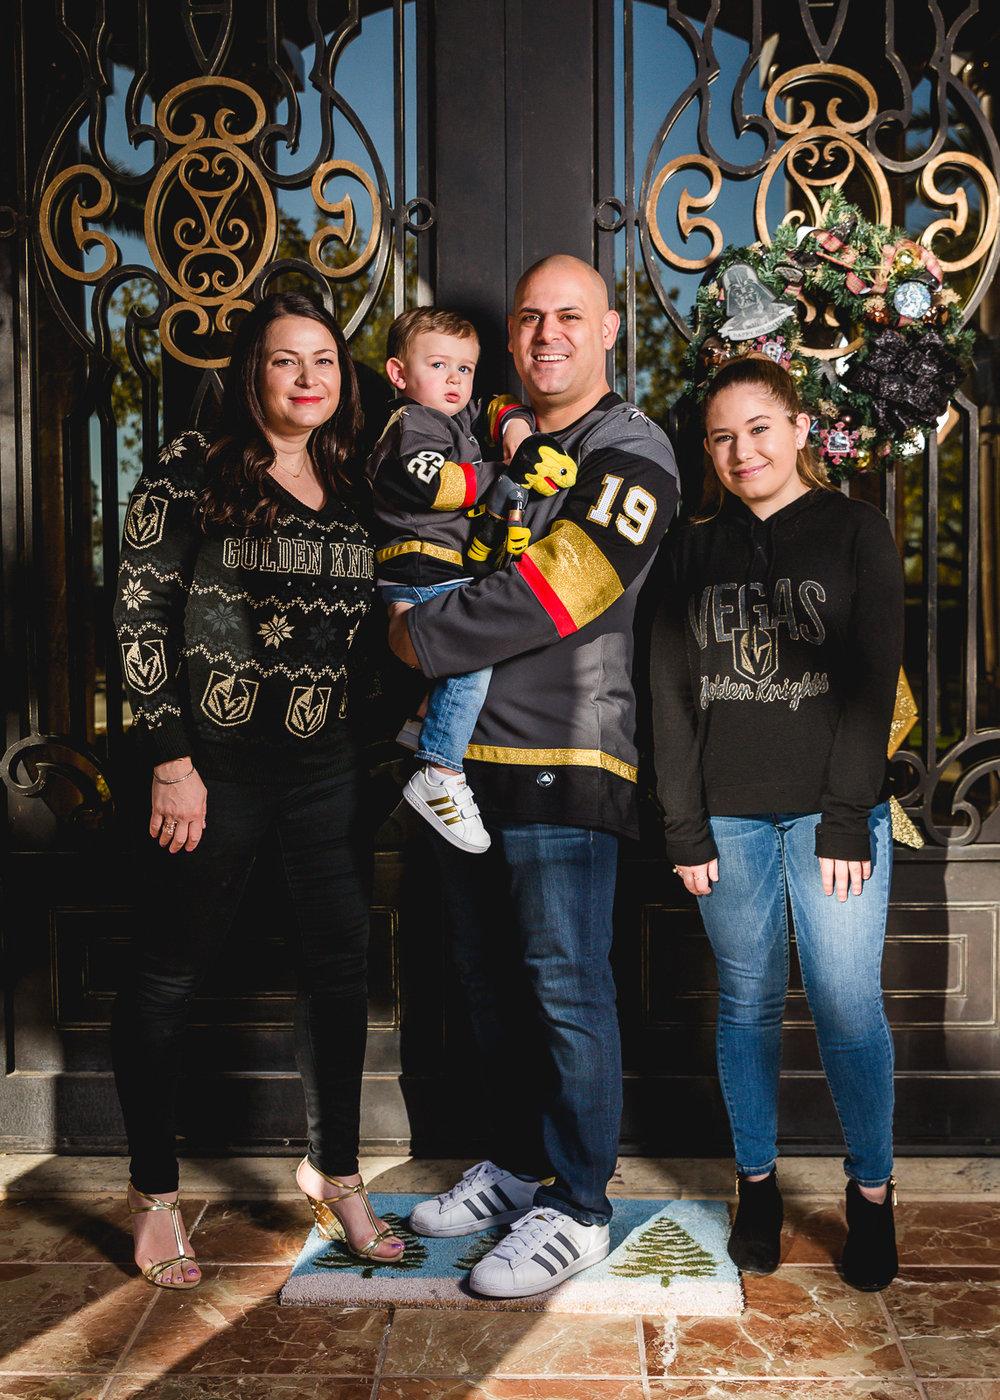 Hemberger-Boguslawski-Family-2018-2.jpg